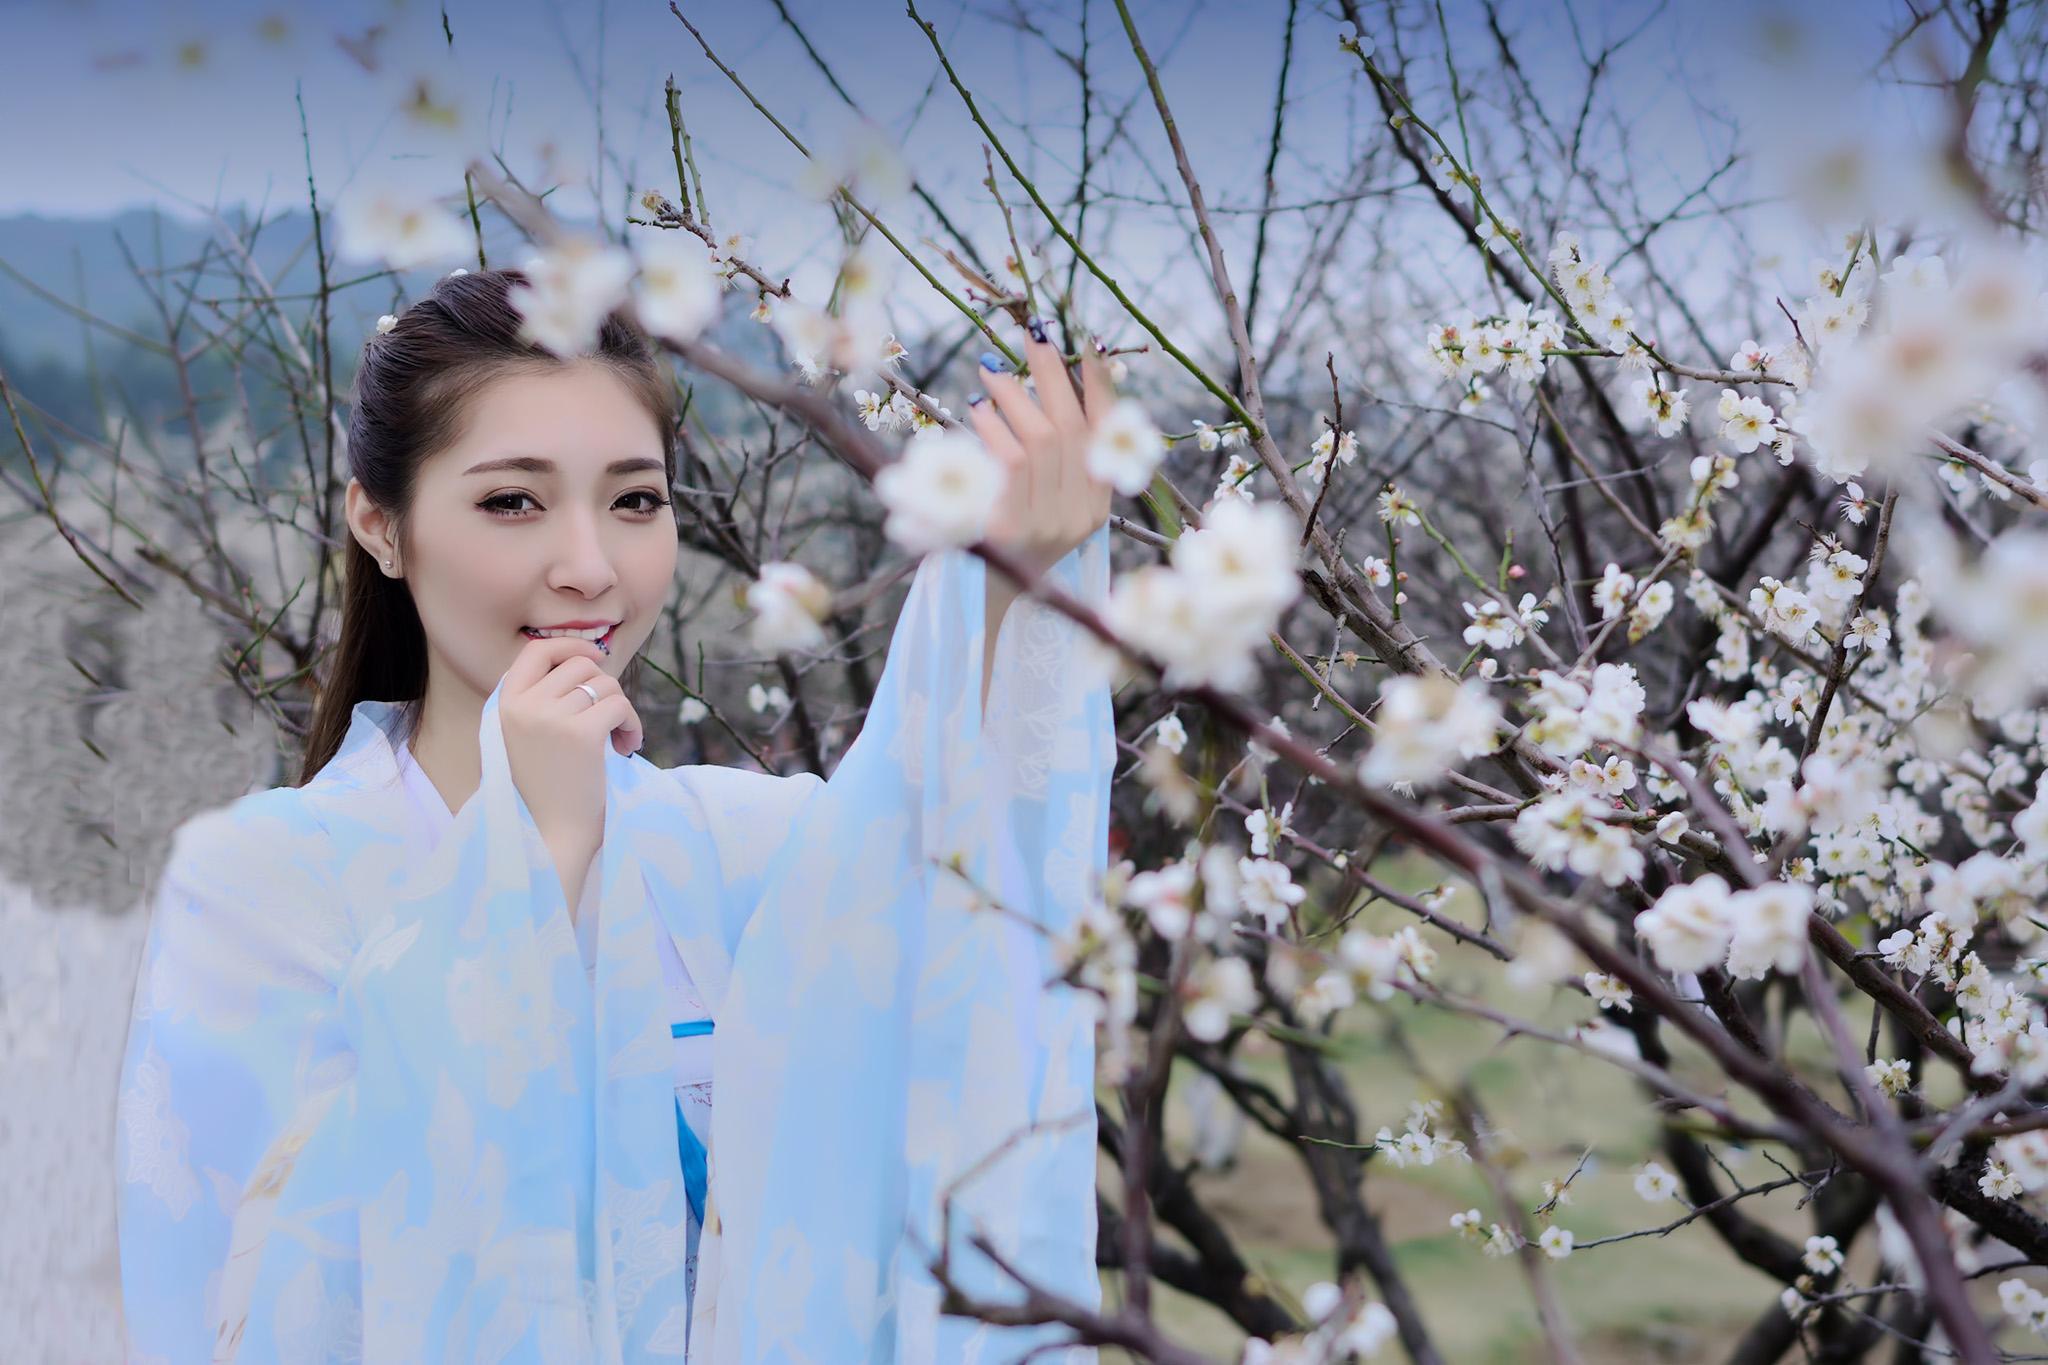 【美圖共享】◆ 梅花弄-丽盈